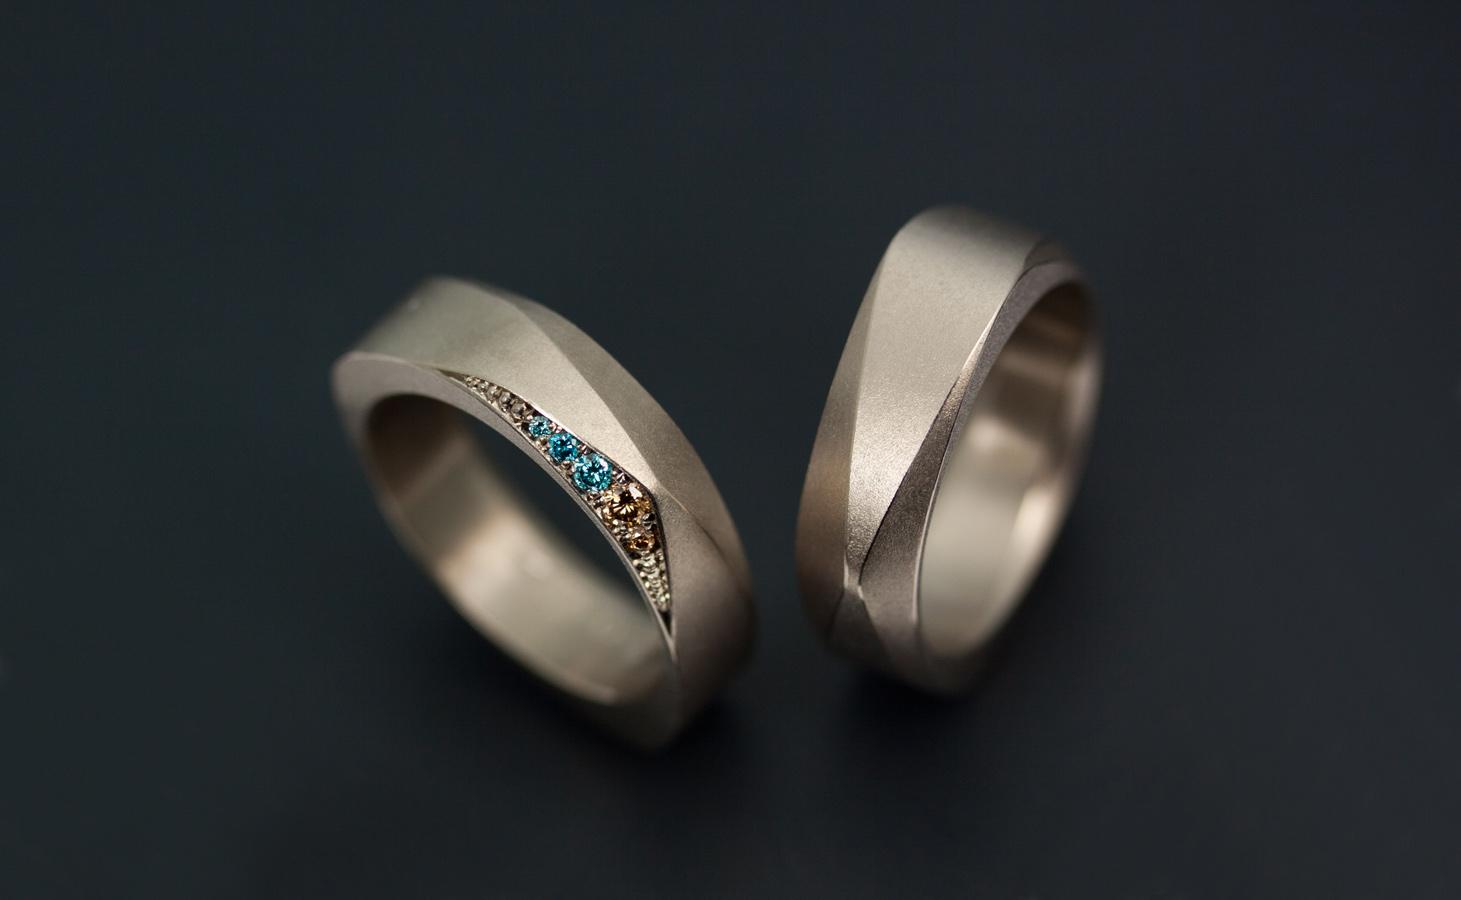 Förlovningsringar av vitguld med diamanter i ovanliga färger.